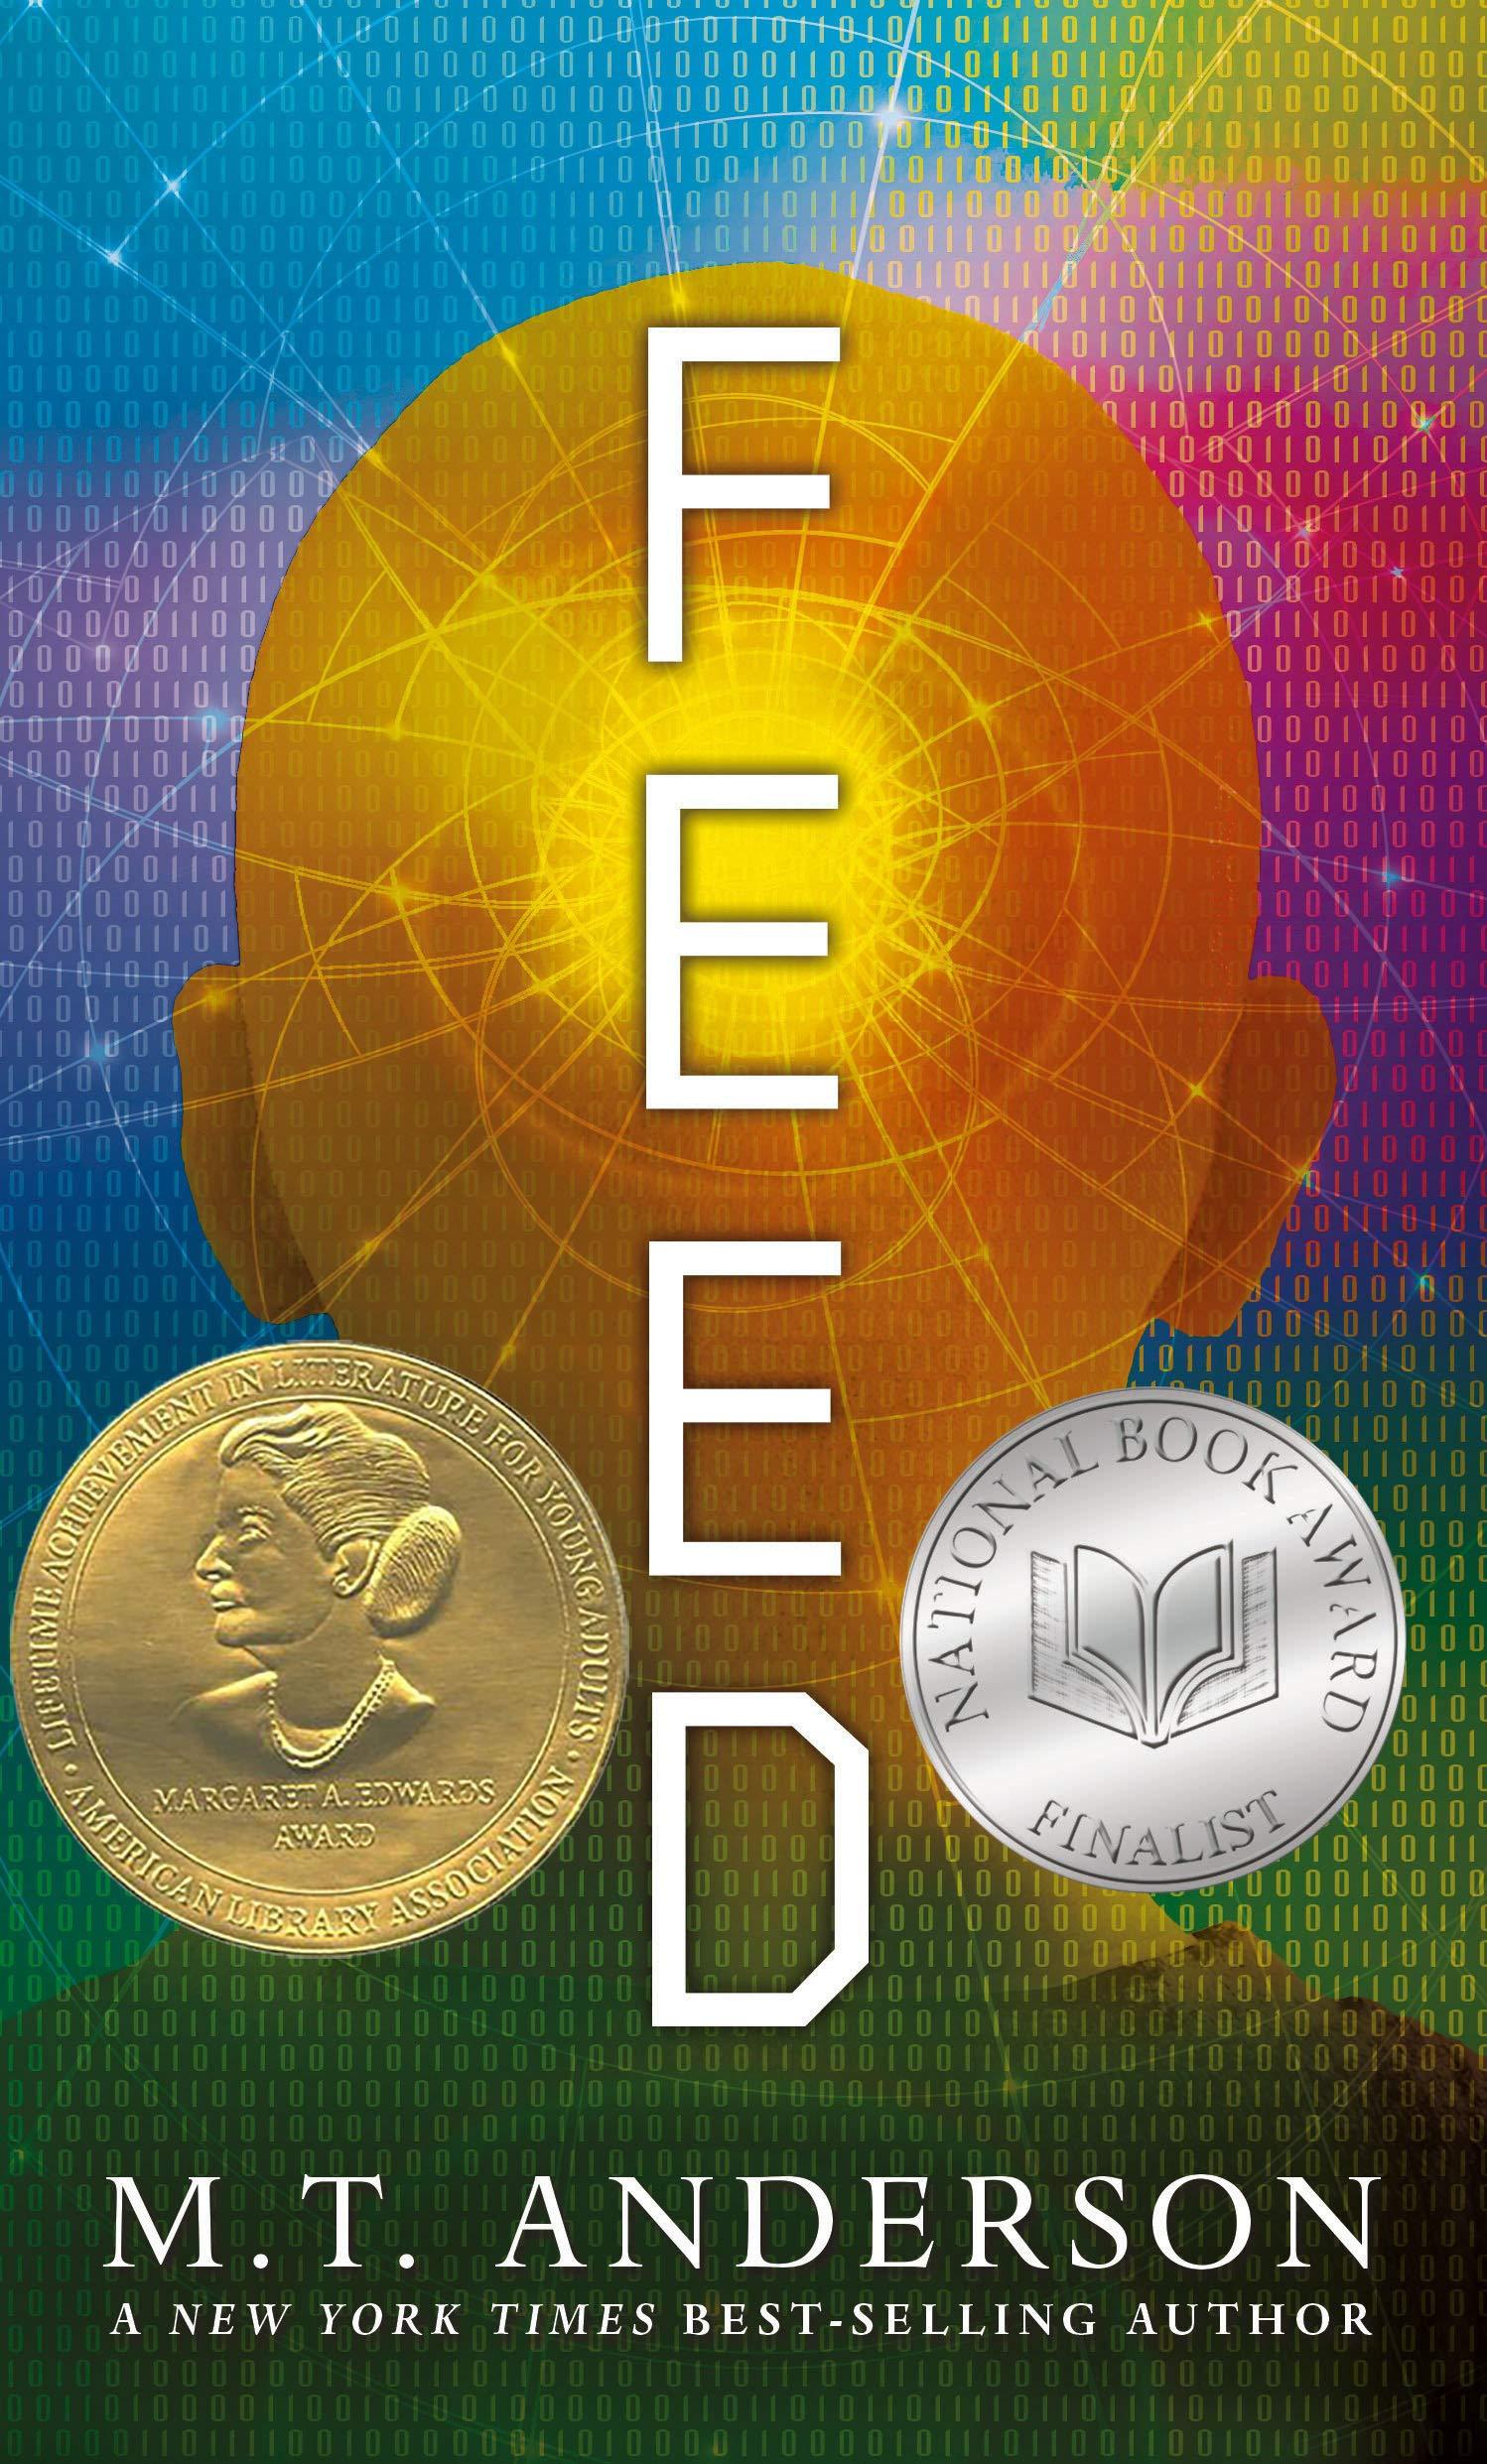 Amazon.com Feed 15 Anderson, M.T. Books